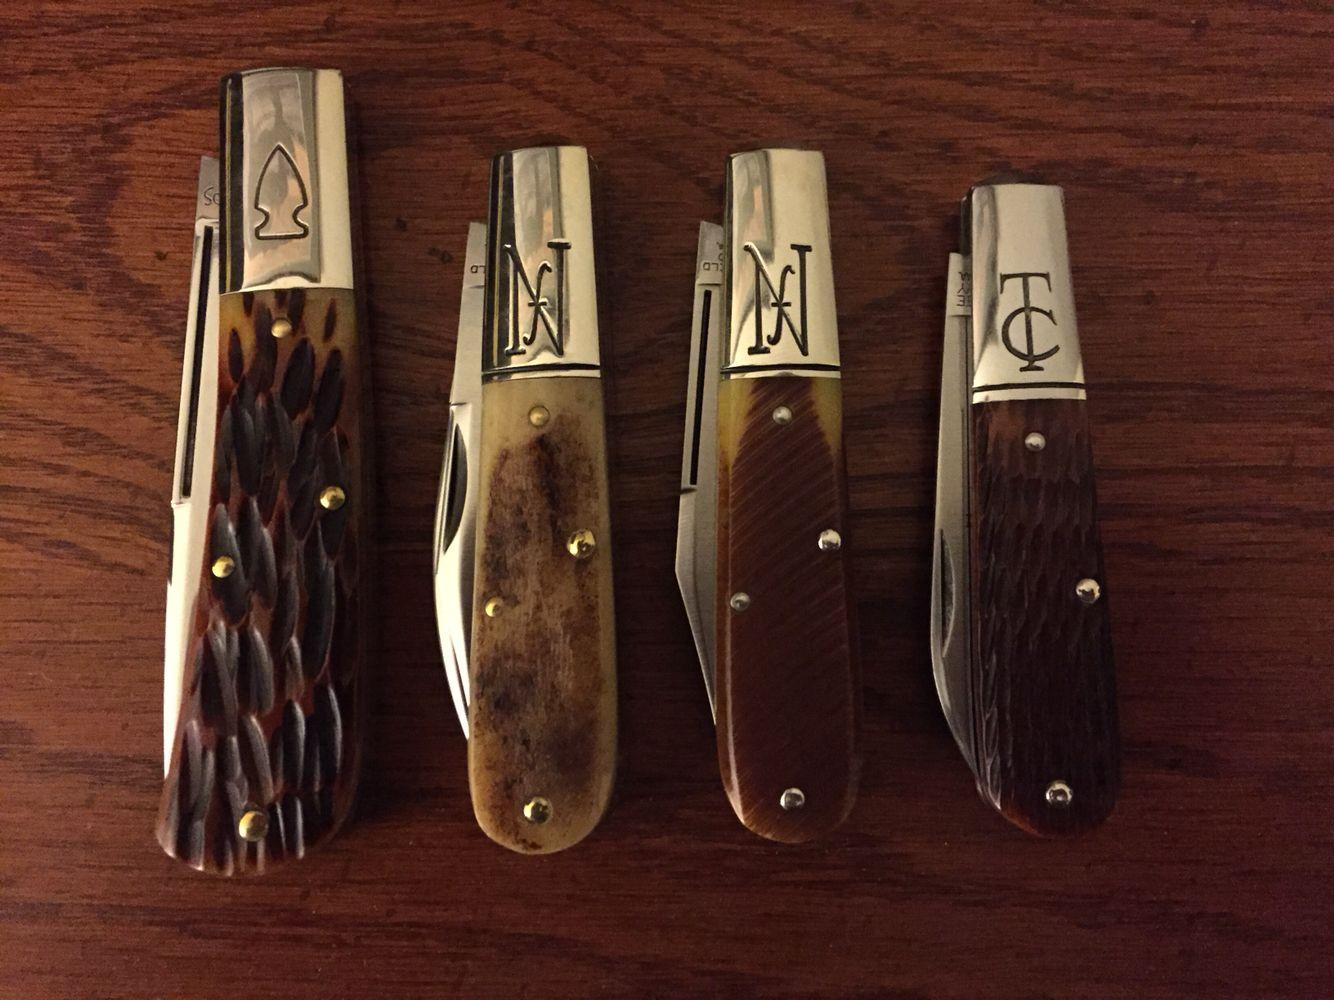 Barlow knives